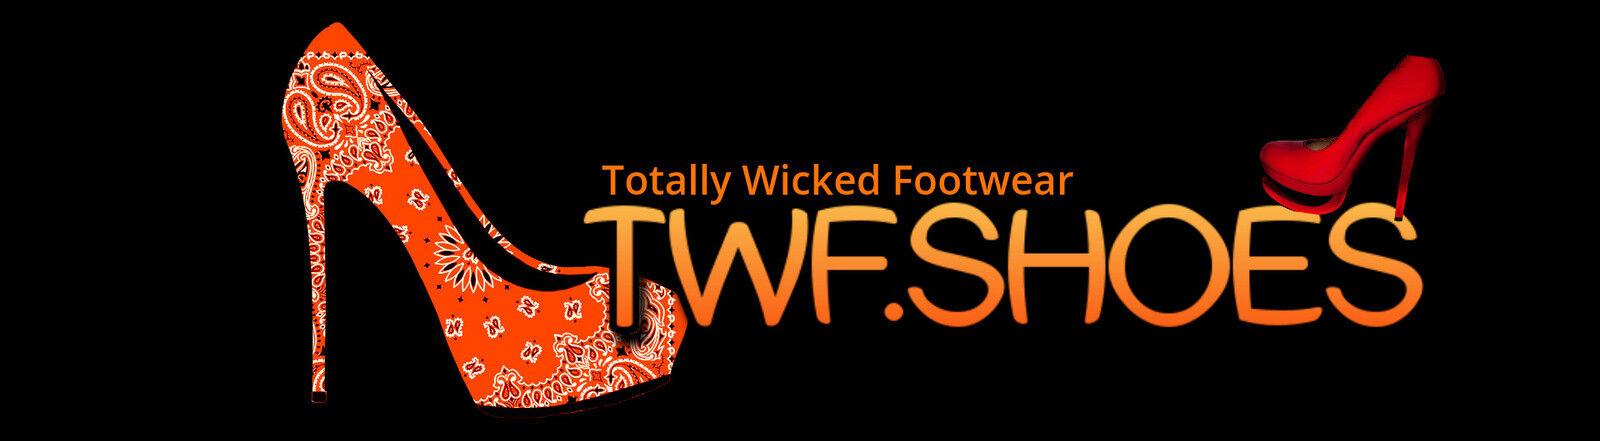 TWF.SHOES